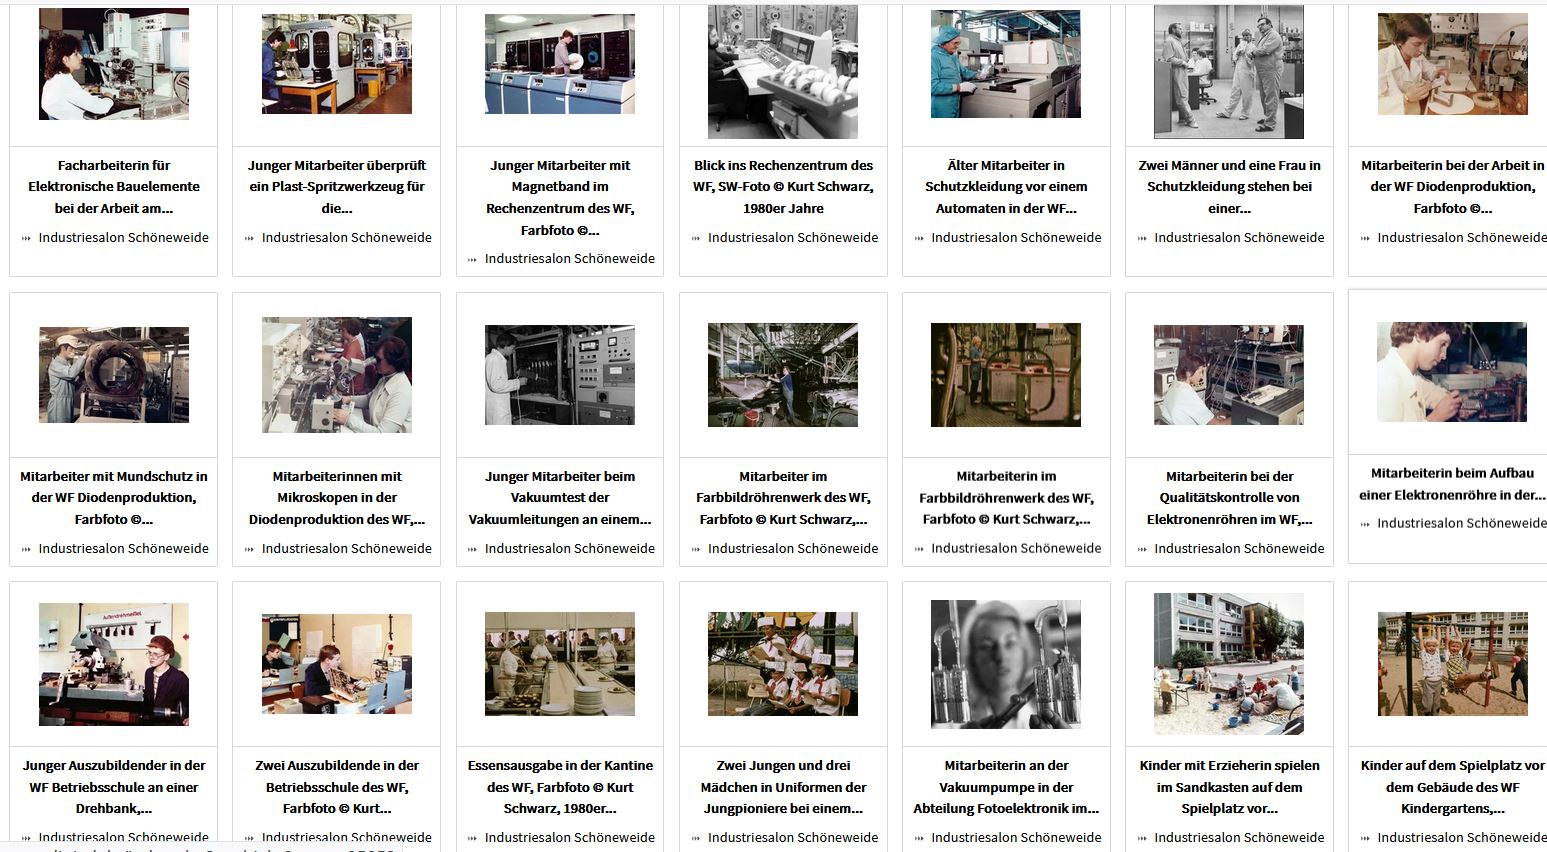 Über 100 Fotos von Kurt Schwarz aus dem WF jetzt online